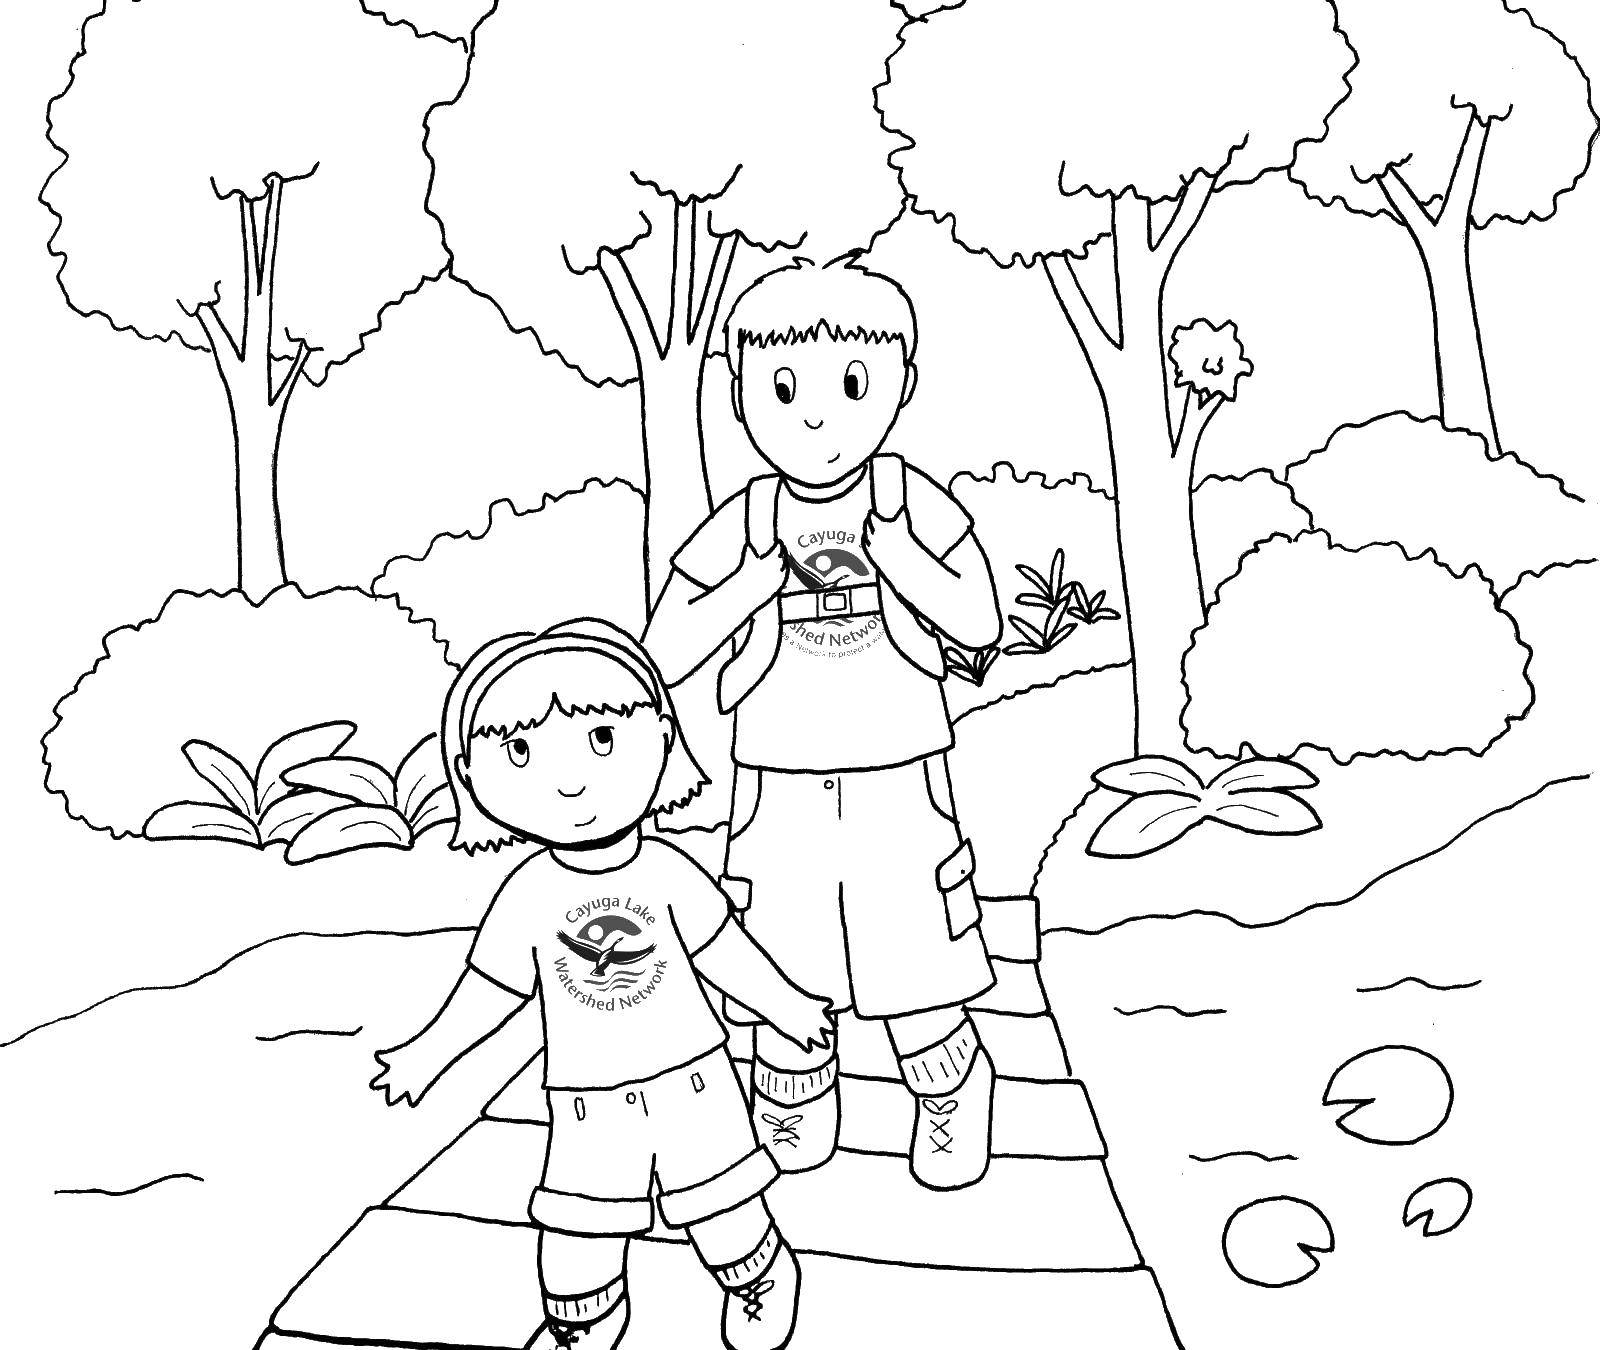 Раскраска Мальчик и девочка Скачать отдых, природа, дети, поход.  Распечатать ,Отдых на природе,